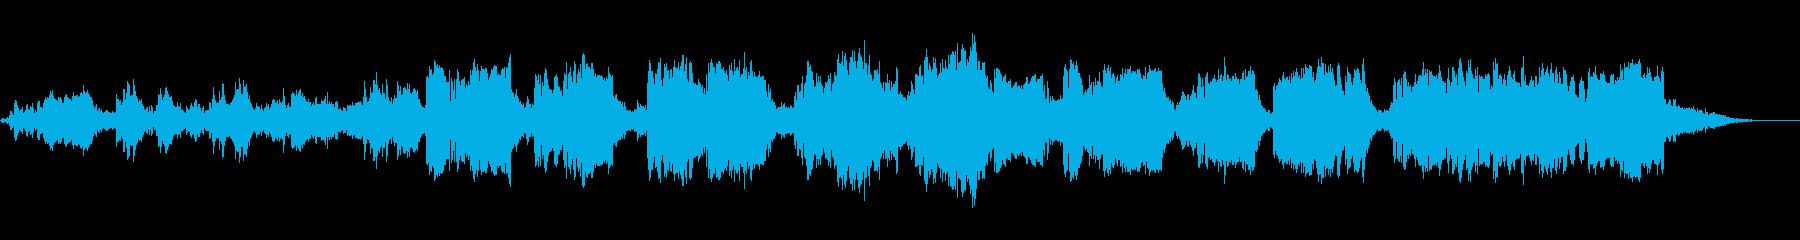 水を感じる音楽の再生済みの波形